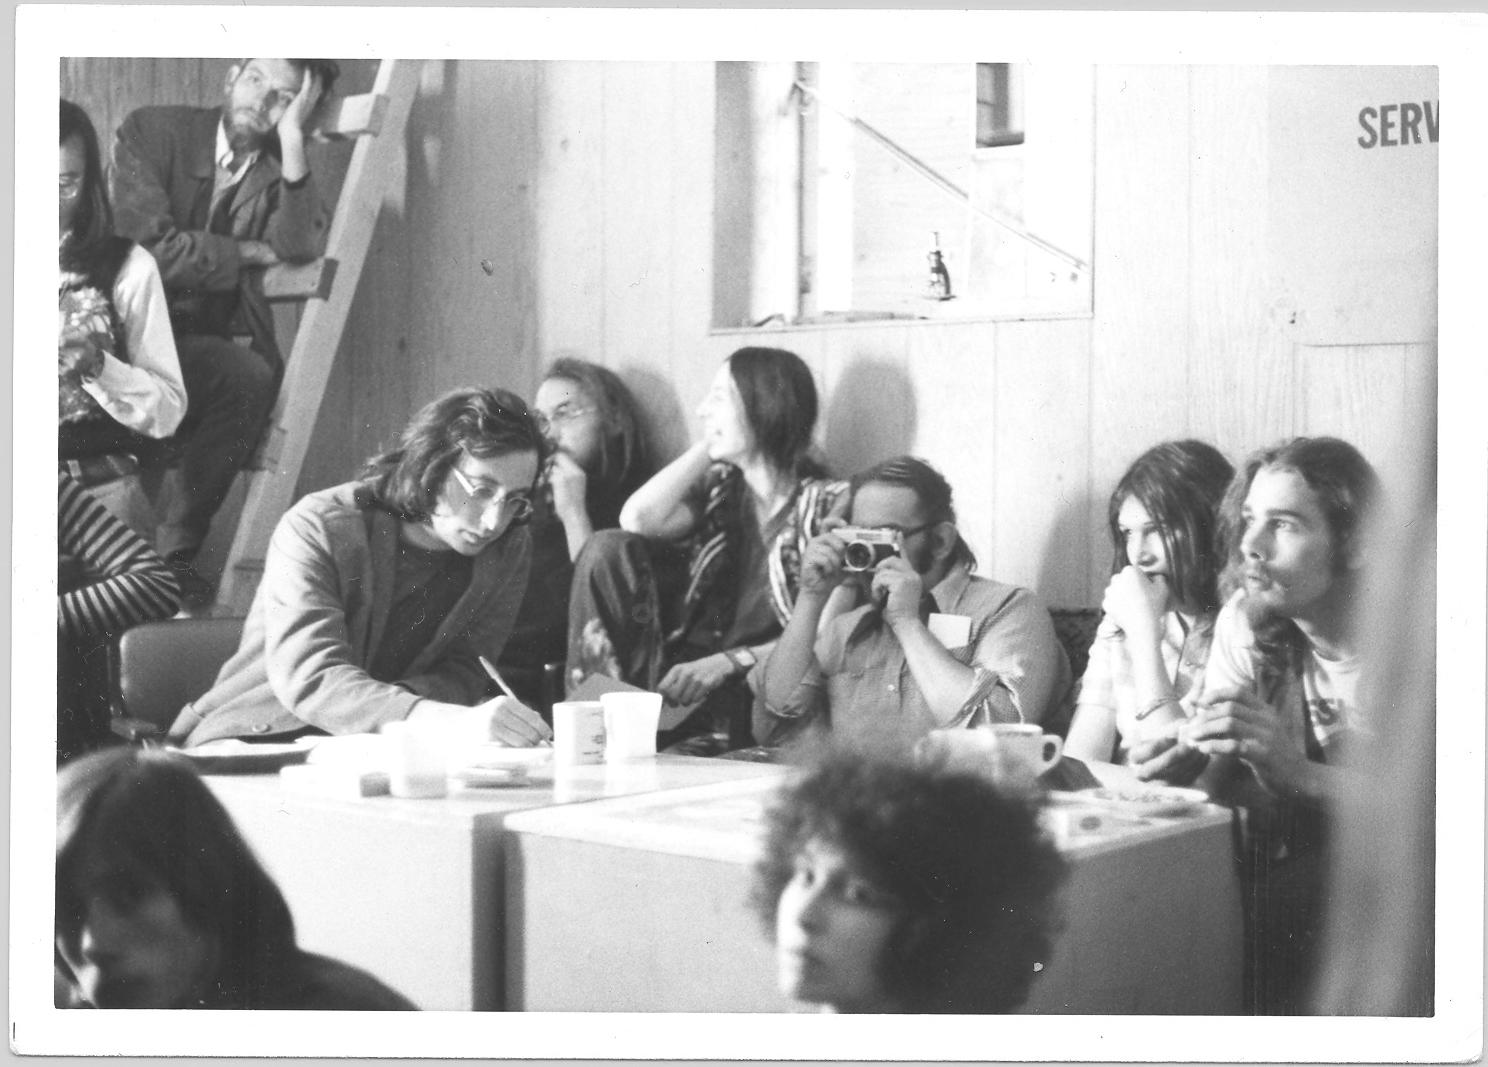 Les premiers membres de l'association MPA regroupés autour d'une grande table. Pedant que Stan Persky tient la caméra, Lanny Beckman est au bout de la table en train d'écrire